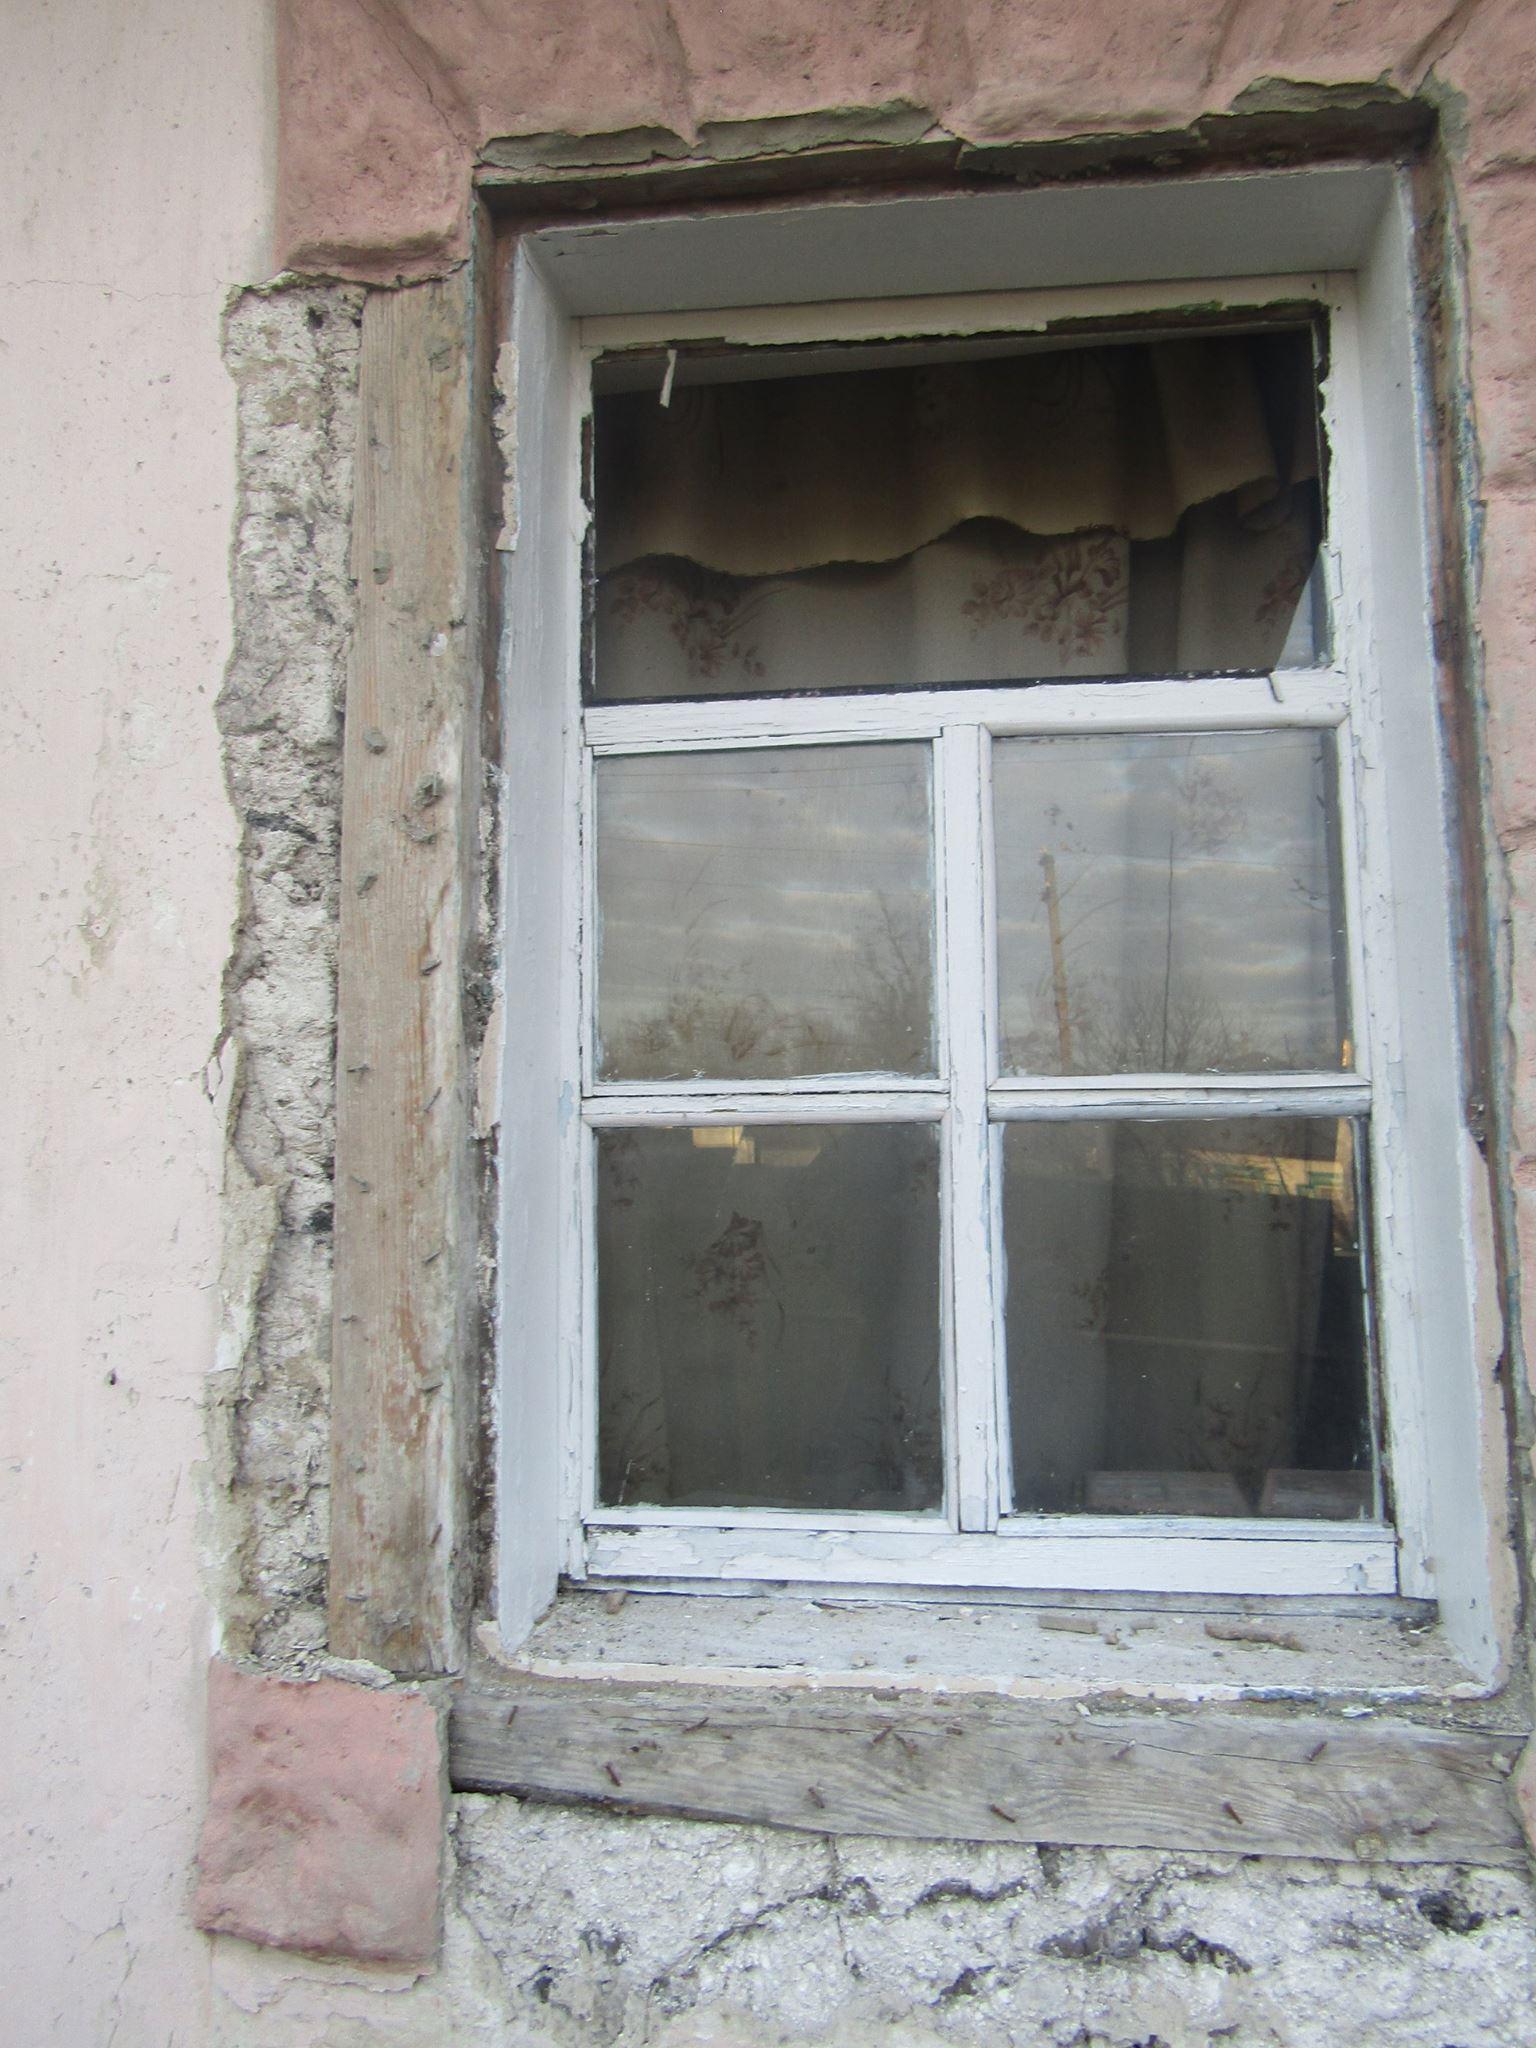 В Білокуракине від вибуху гранати РГД-5 загинуло двоє чоловіків